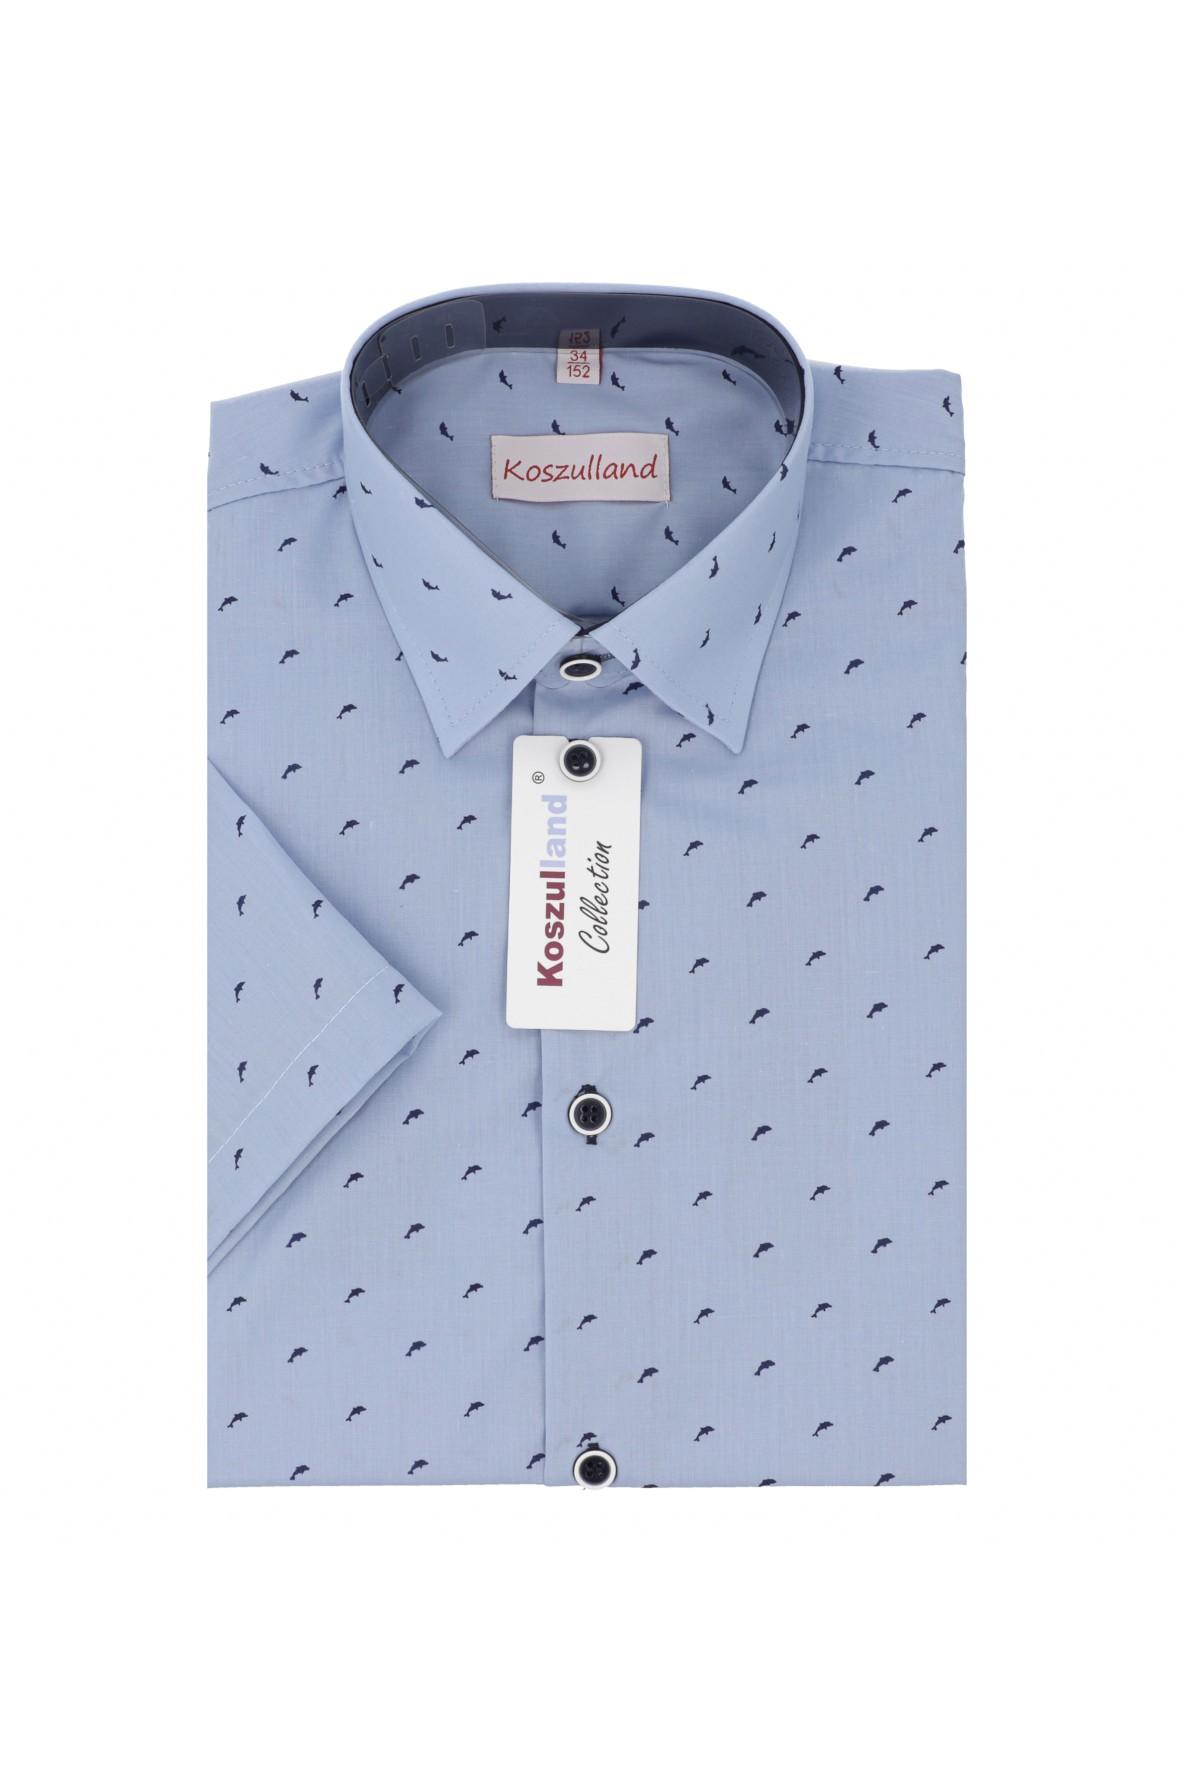 Koszula chłopięca błękitna z nadrukiem- krótki rękaw